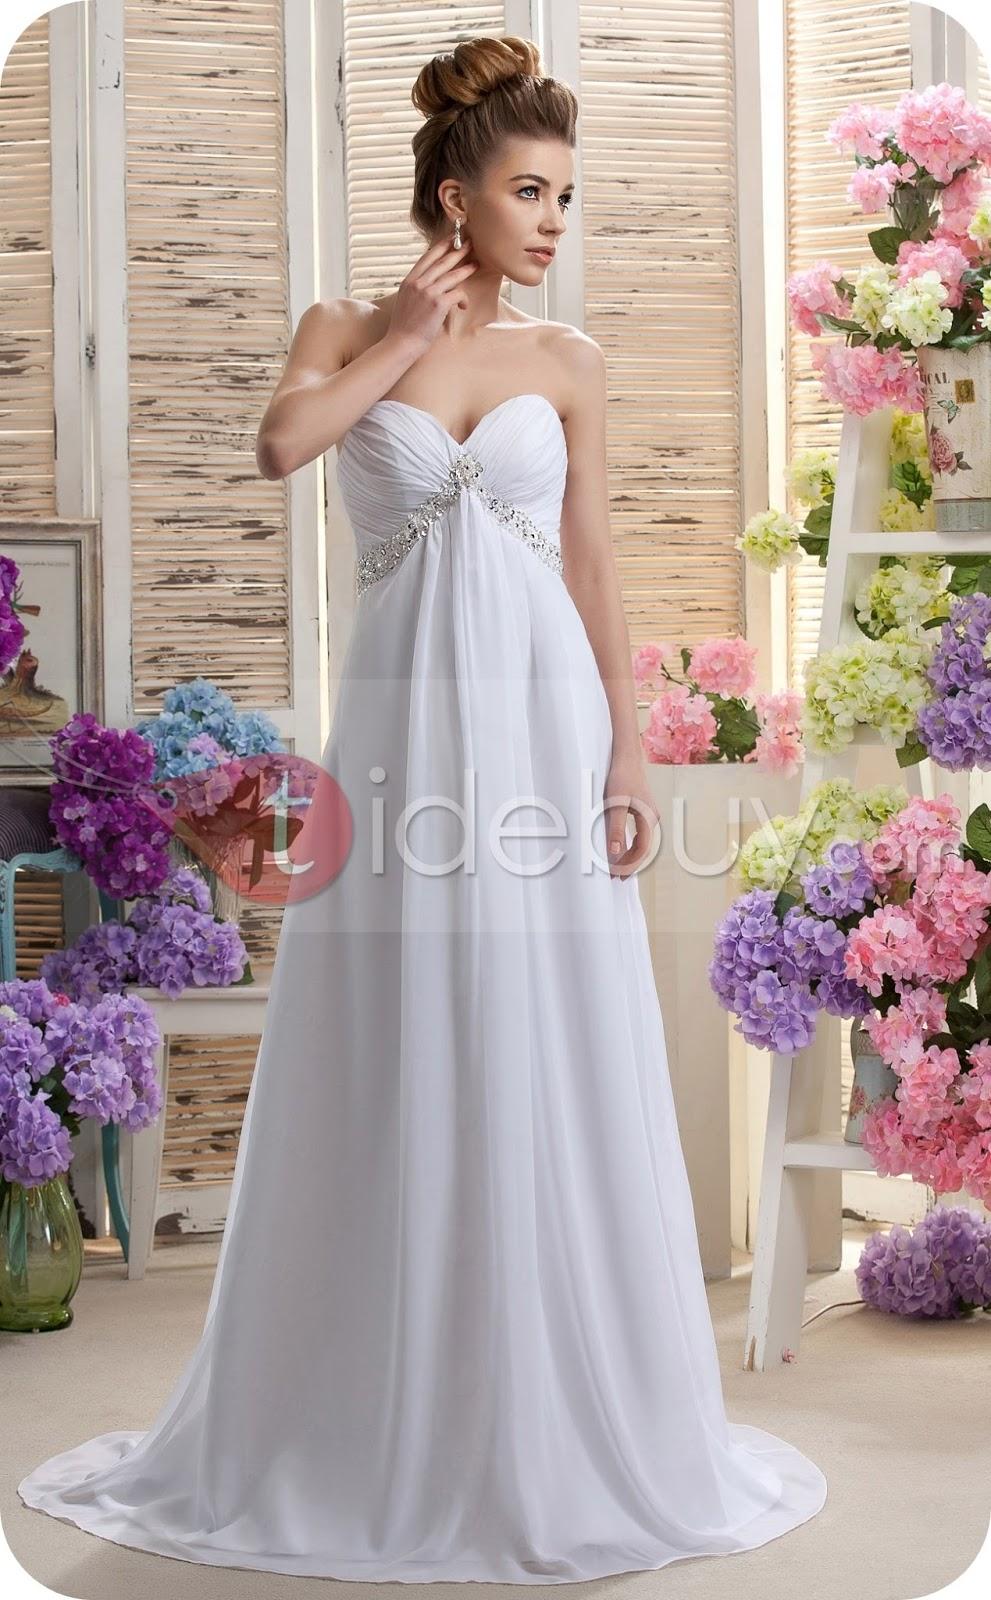 33e15db22 Vestidos de novia tidebuy opiniones - Vestidos caros 2019